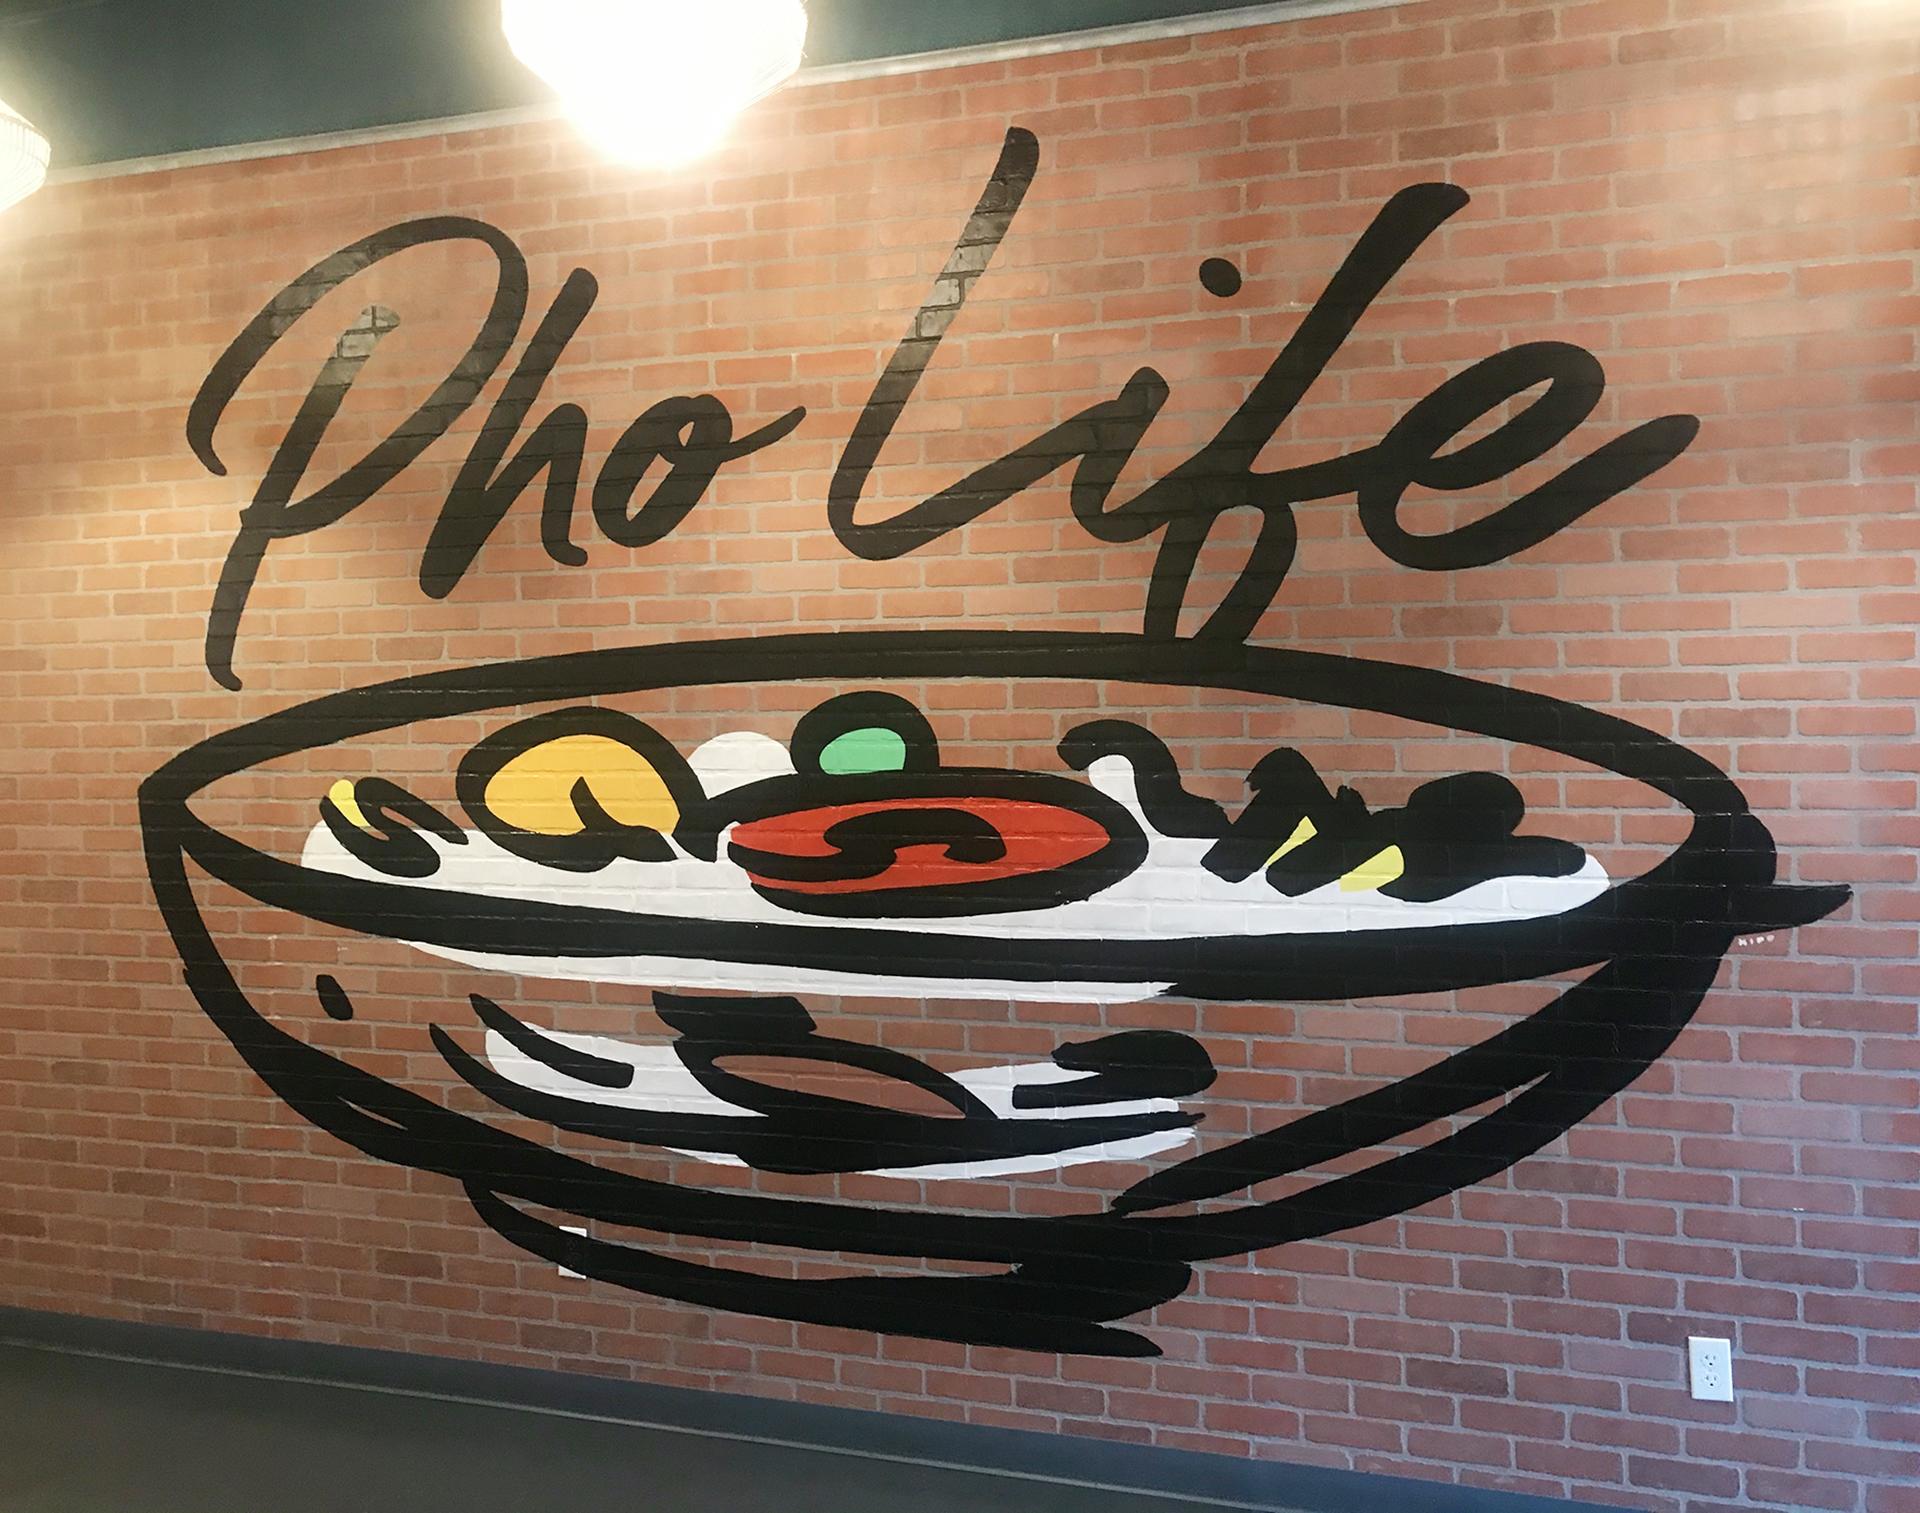 restaurant mural - sign mural - hand lettering - custom mural - mural - Dace Kidd - Mural Artist Tx